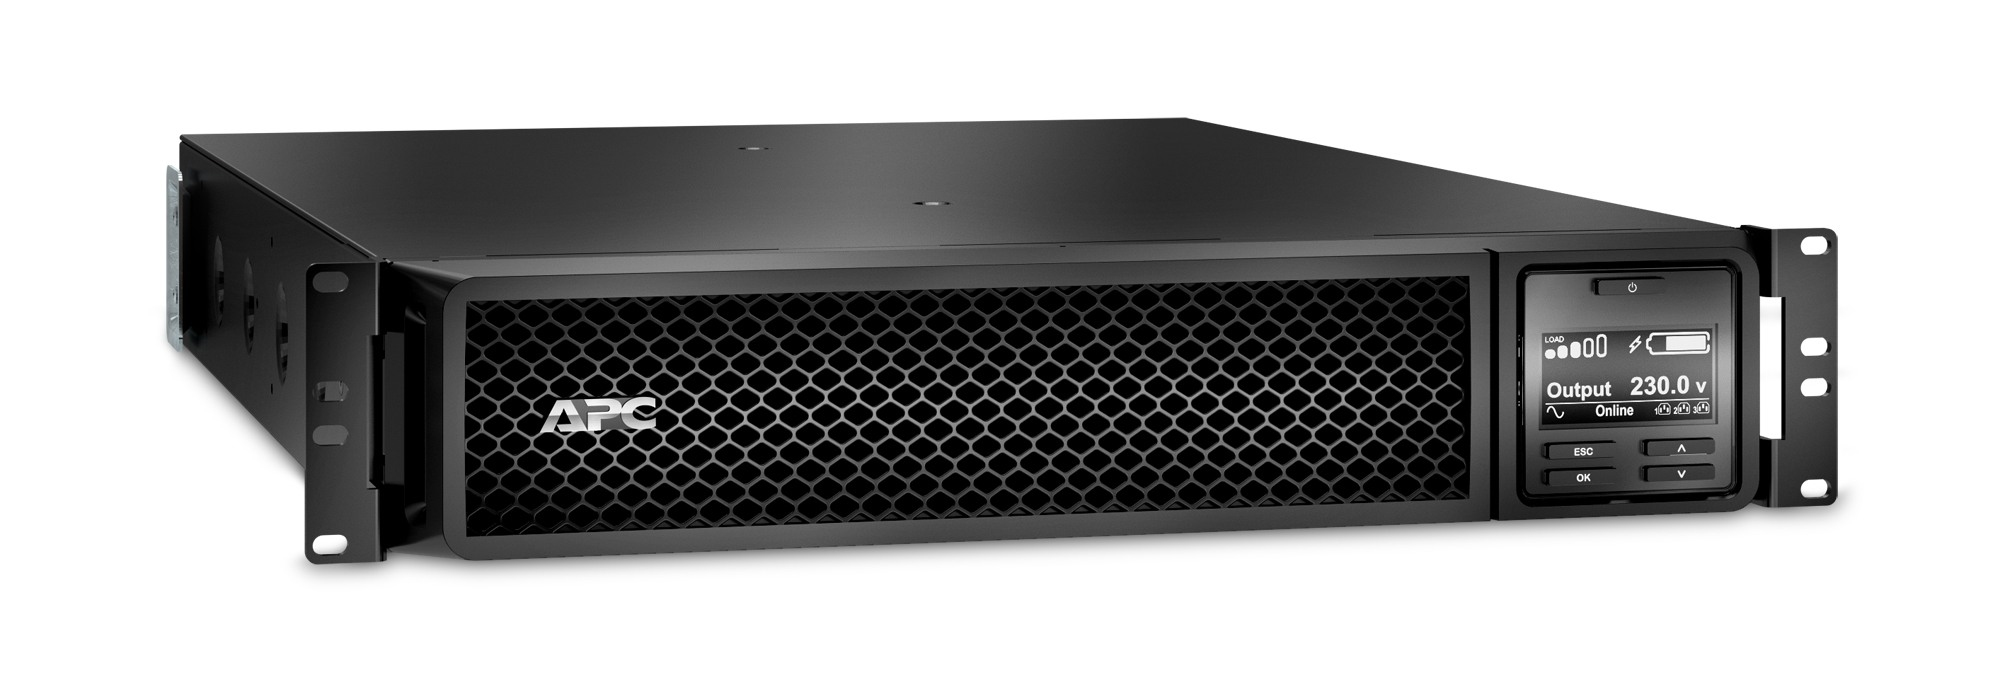 APC SRT2200RMXLI-NC sistema de alimentación ininterrumpida (UPS) Doble conversión (en línea) 2200 VA 1980 W 12 salidas AC